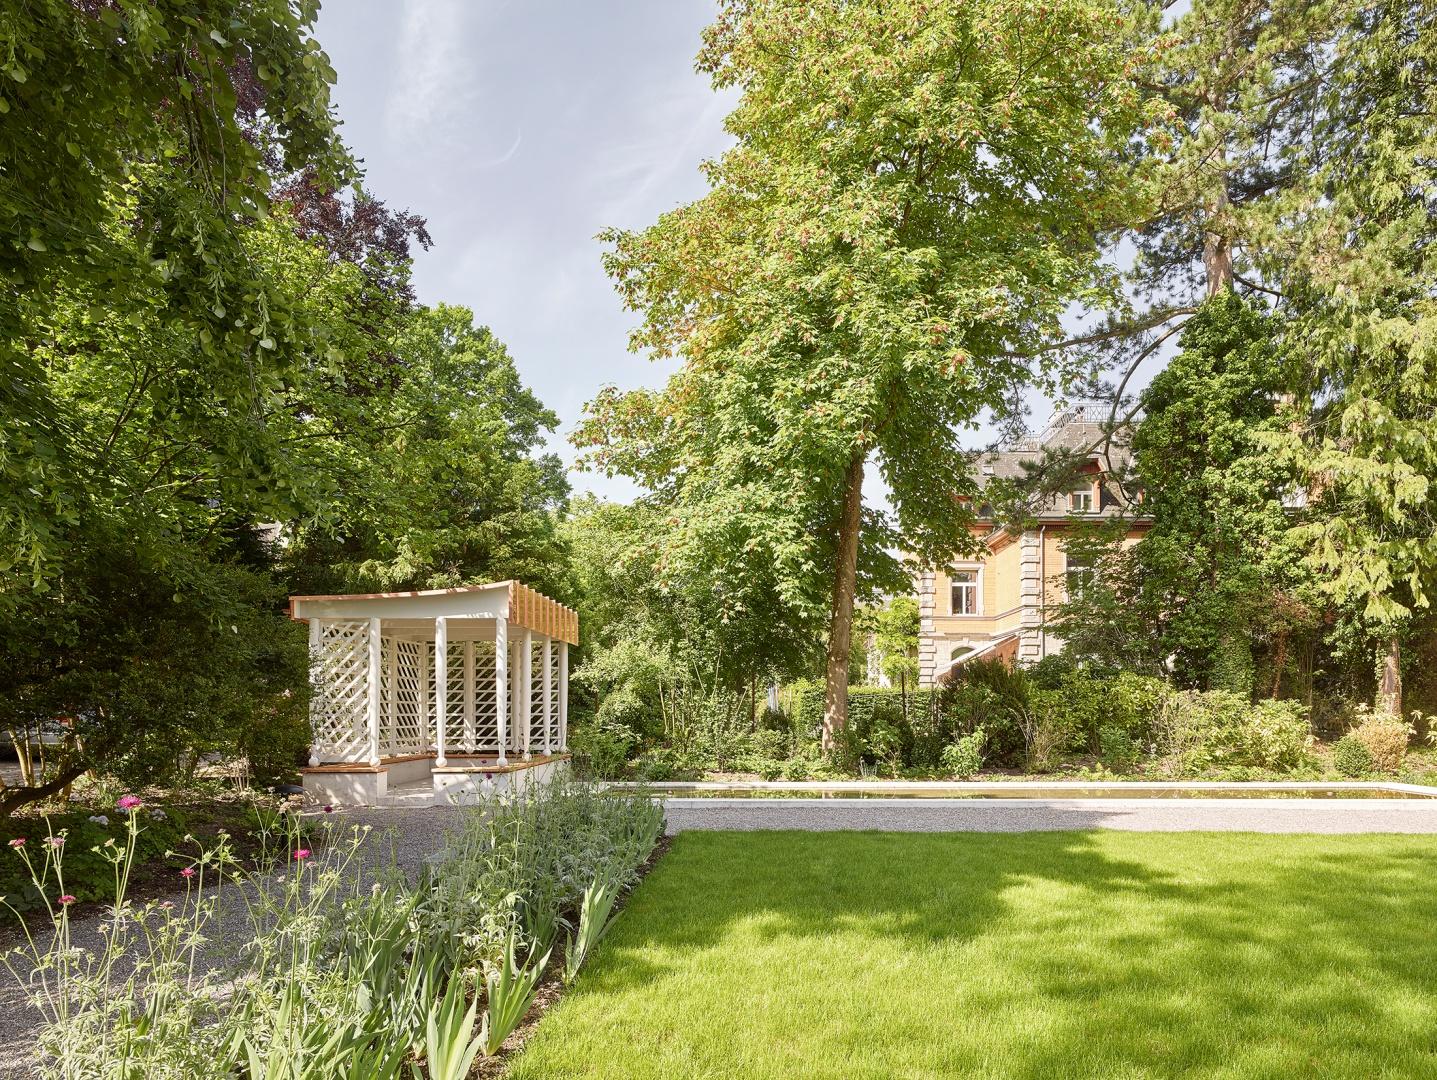 Signau_Garten mit Pavillon © Roland Bernath